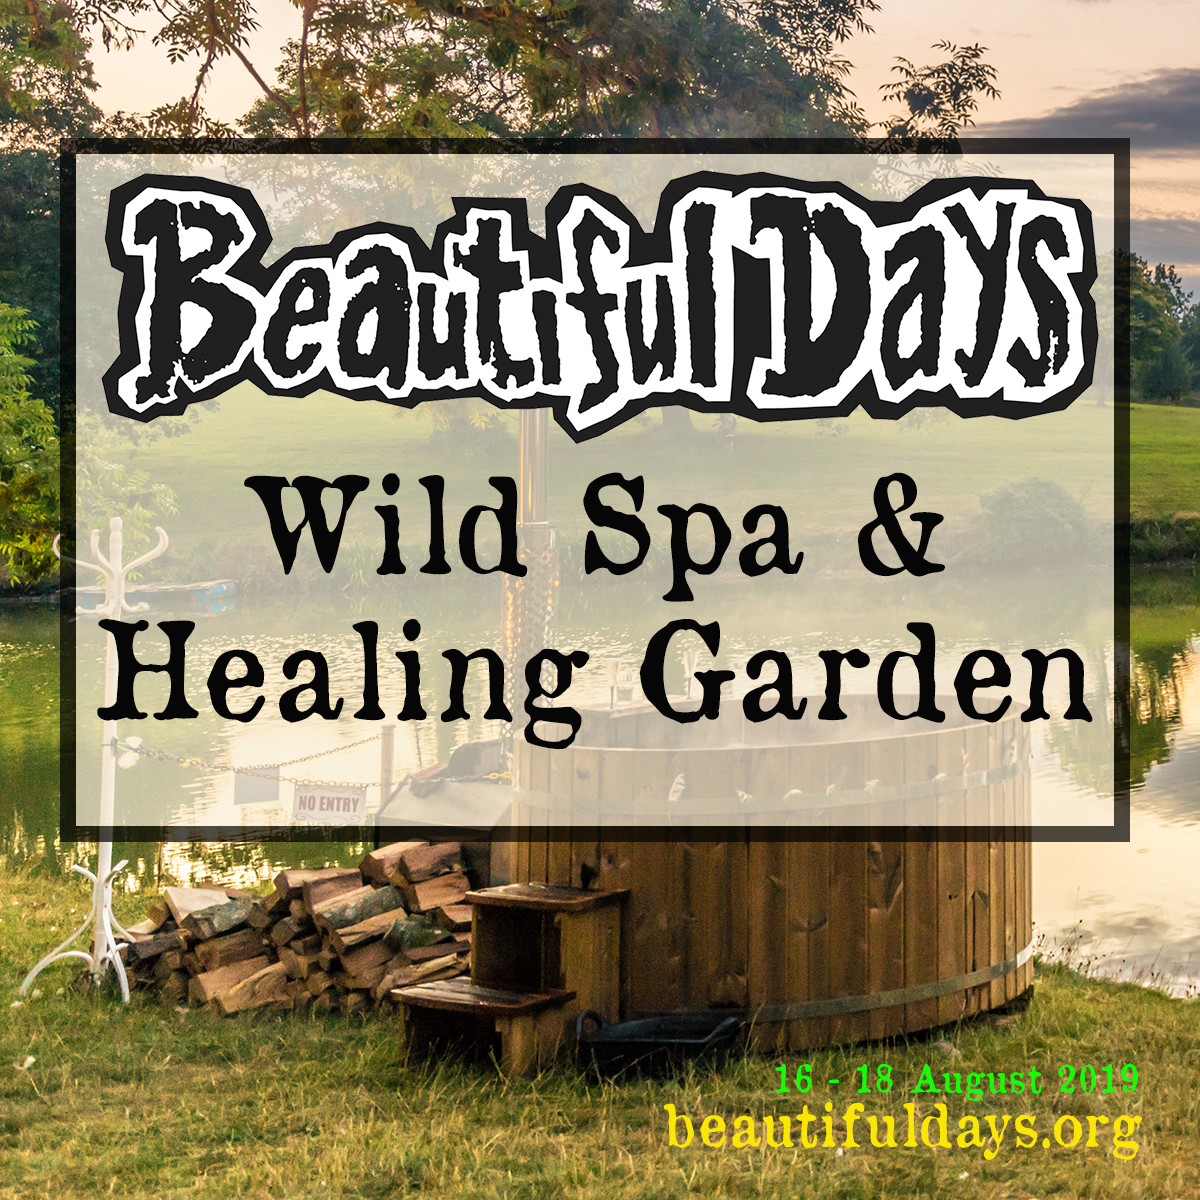 2019 Wild Spa & Healing Garden